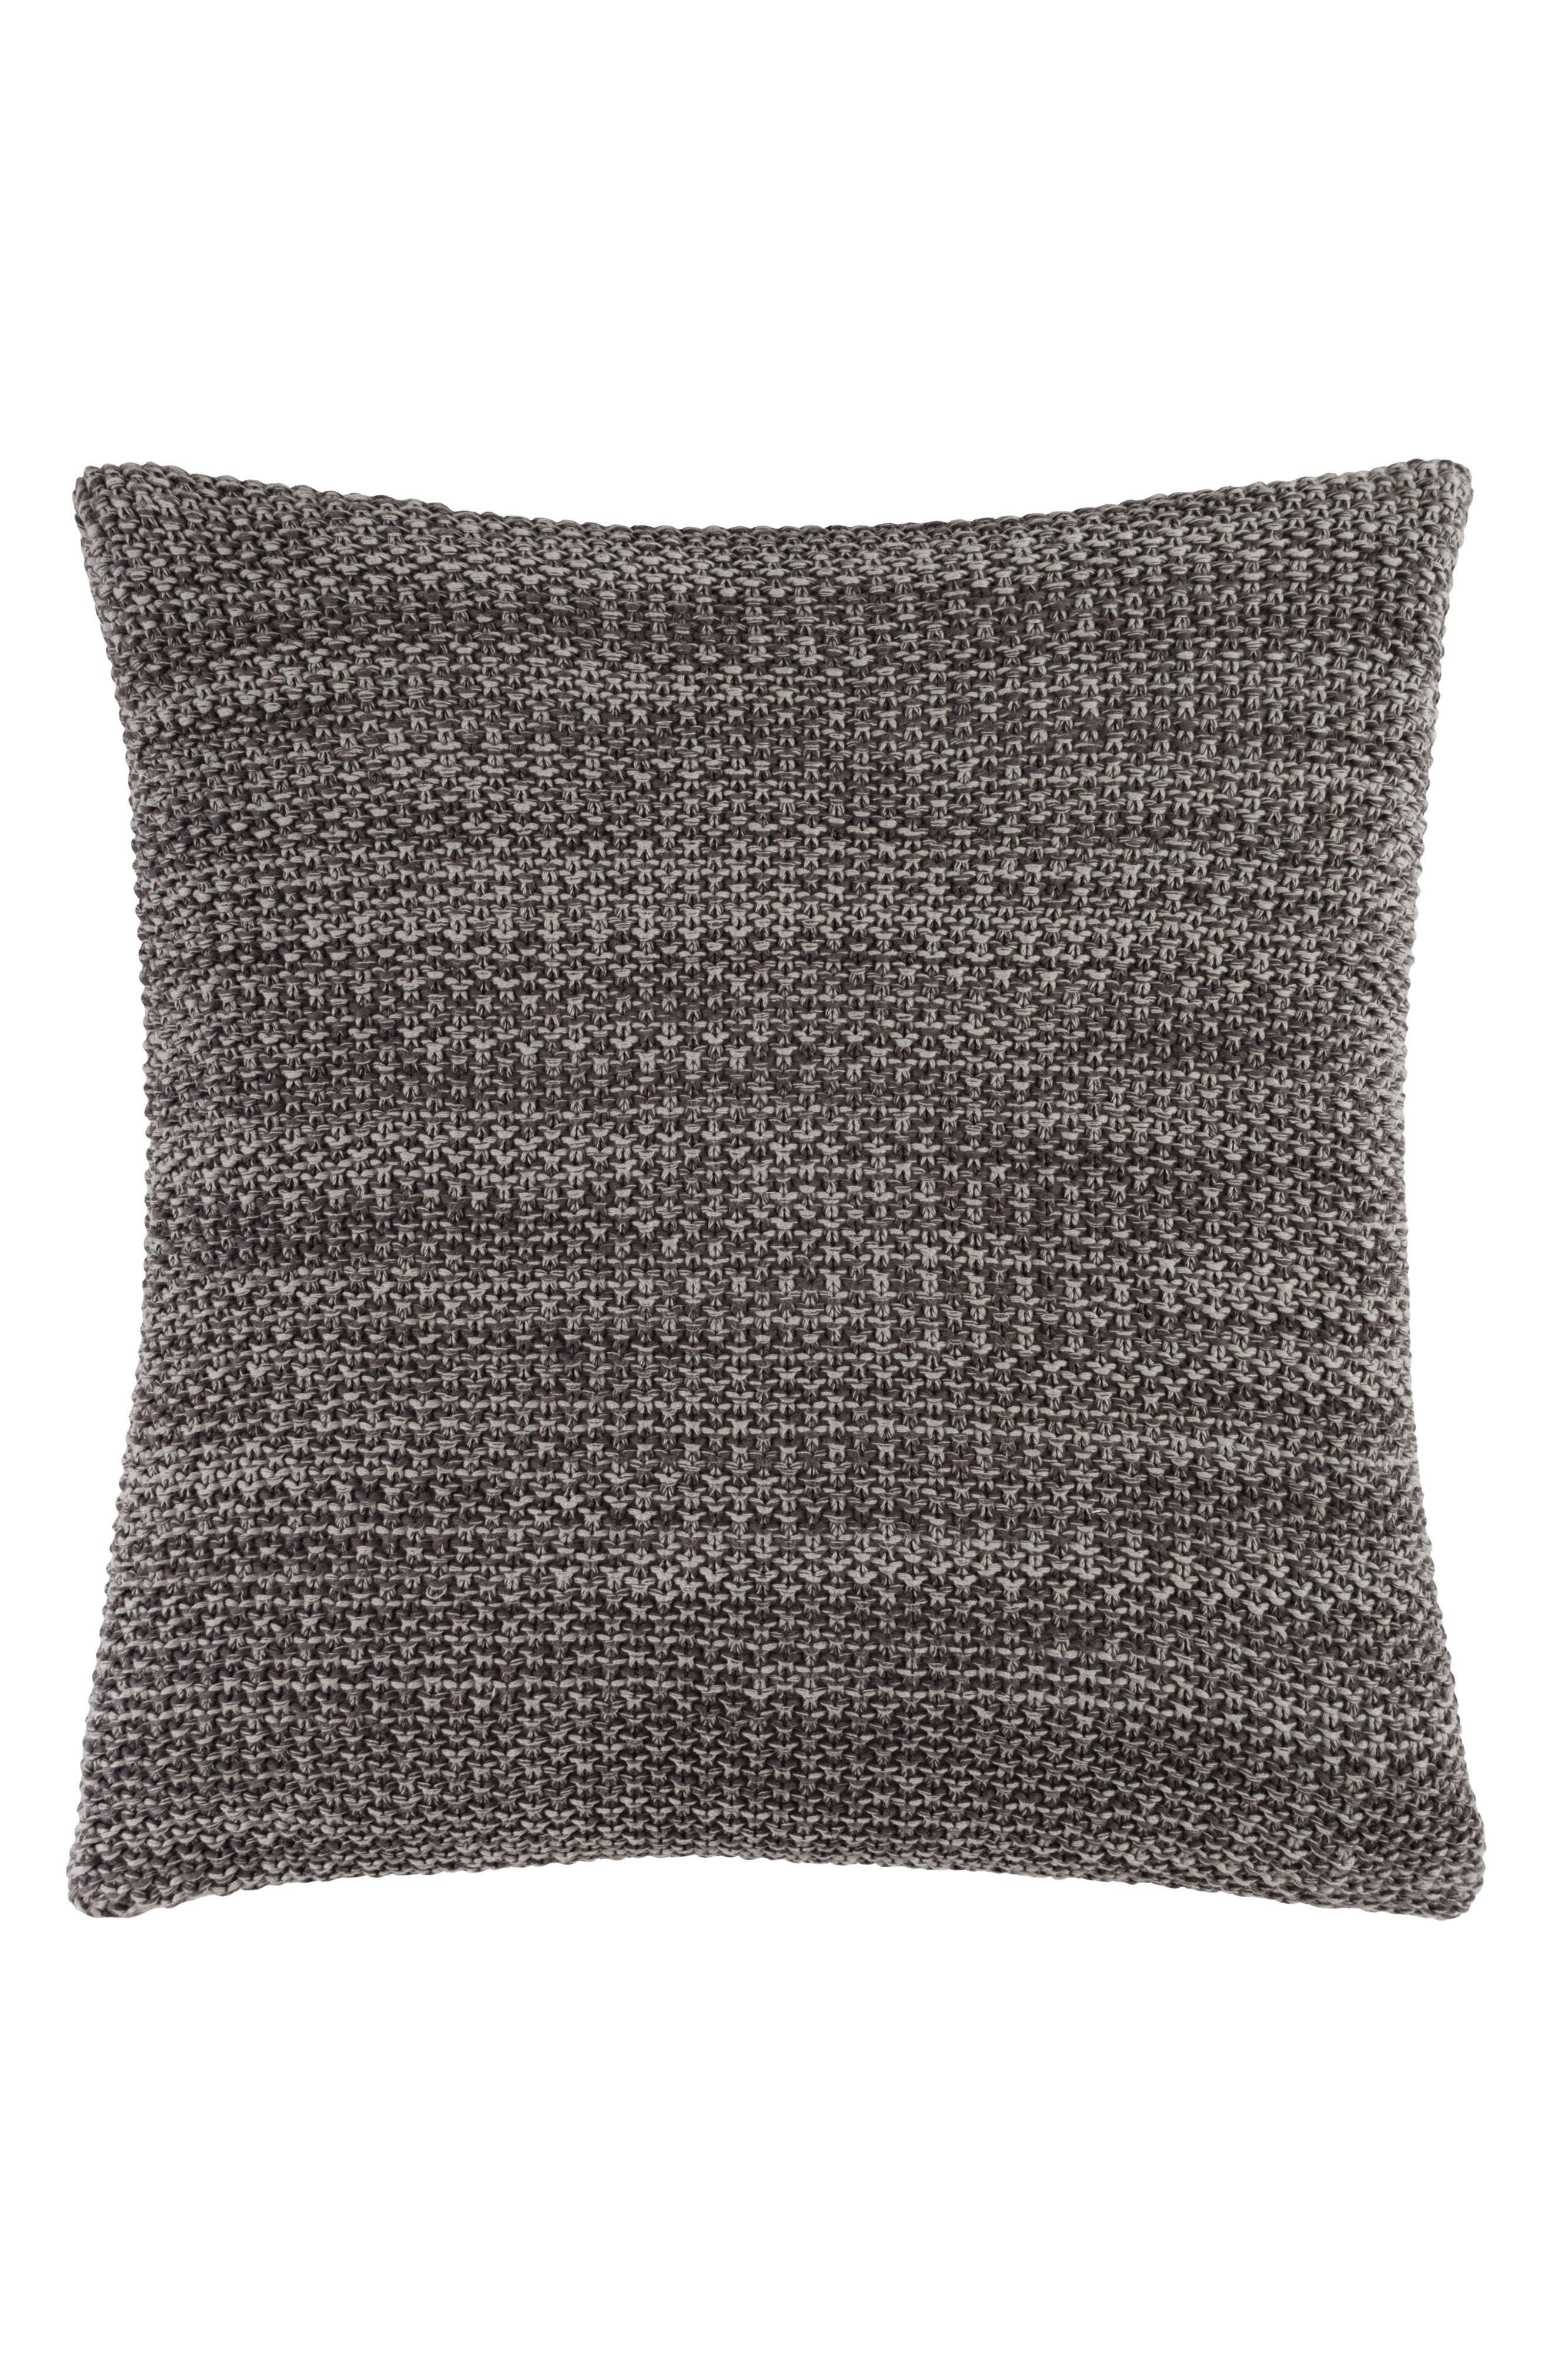 Main Image - SFERRA Orino Accent Pillow